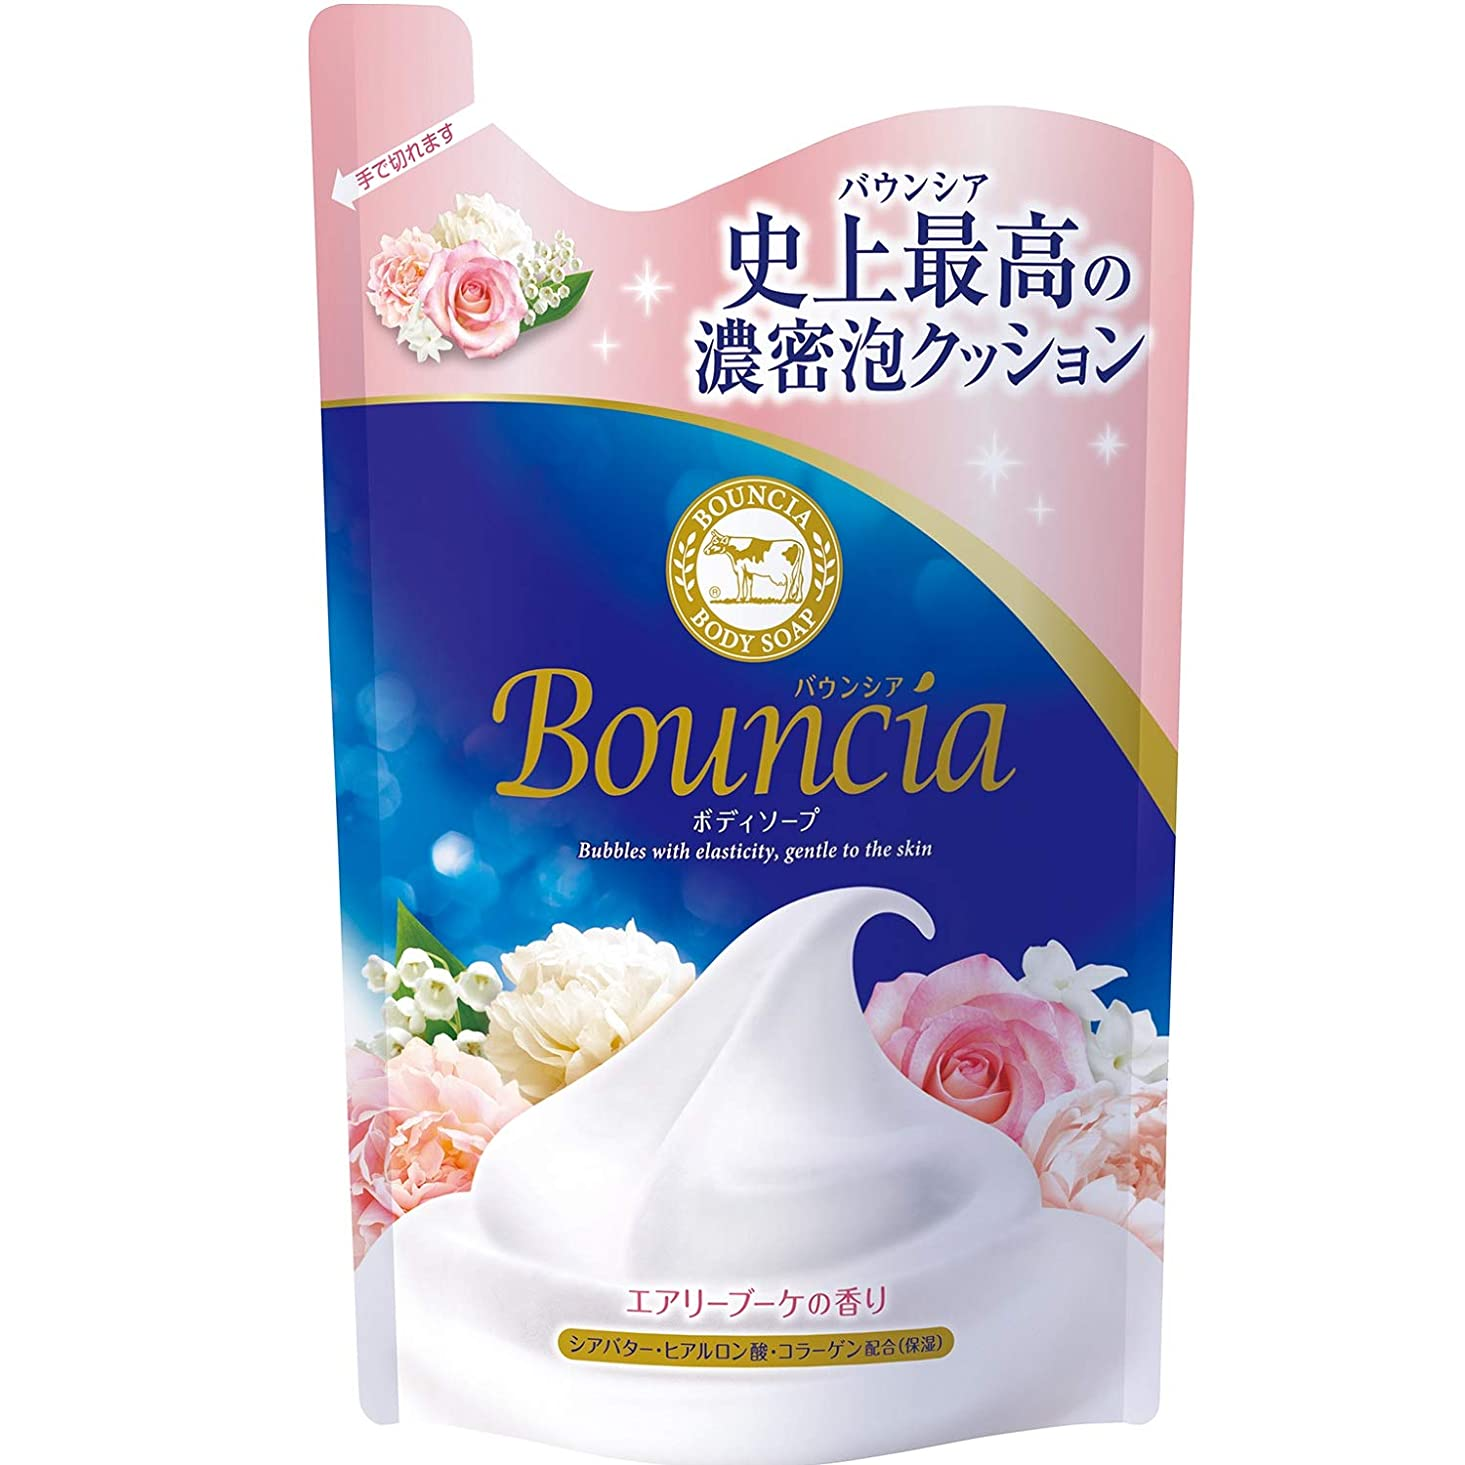 露出度の高い研究所恵みバウンシア ボディソープ エアリーブーケの香り 詰替 400mL